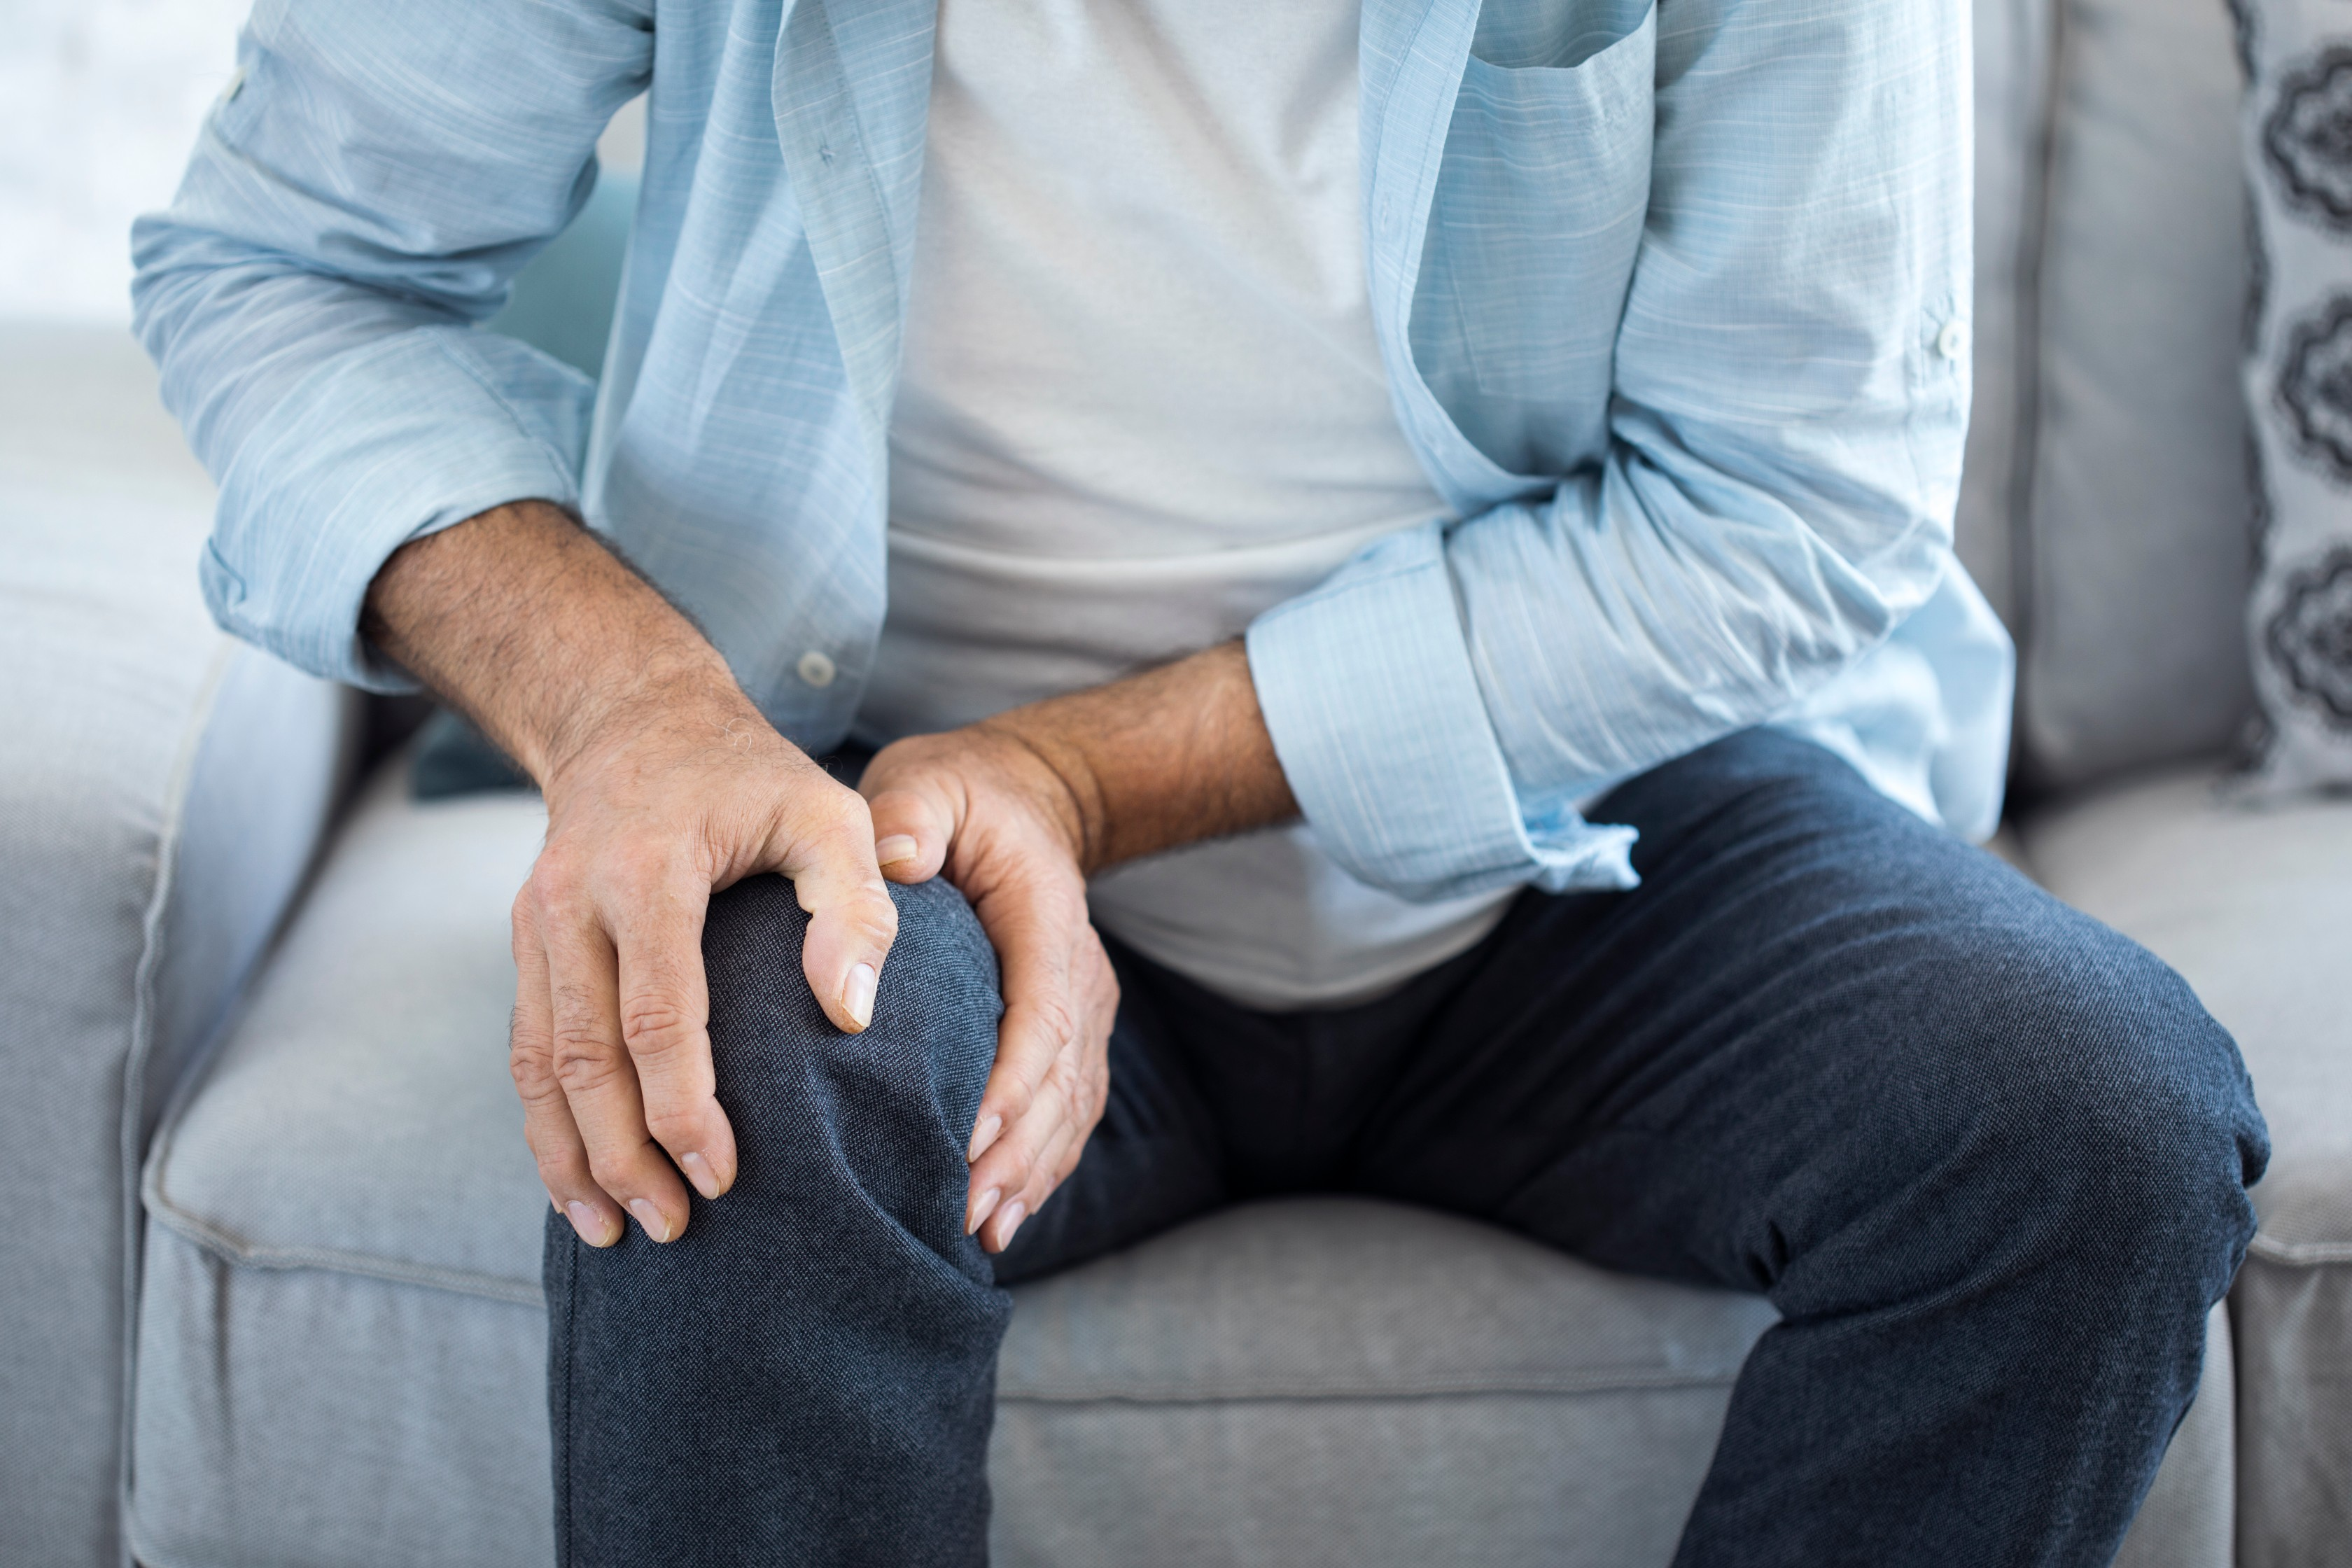 ízületi fájdalomkezelés artrozilénnel